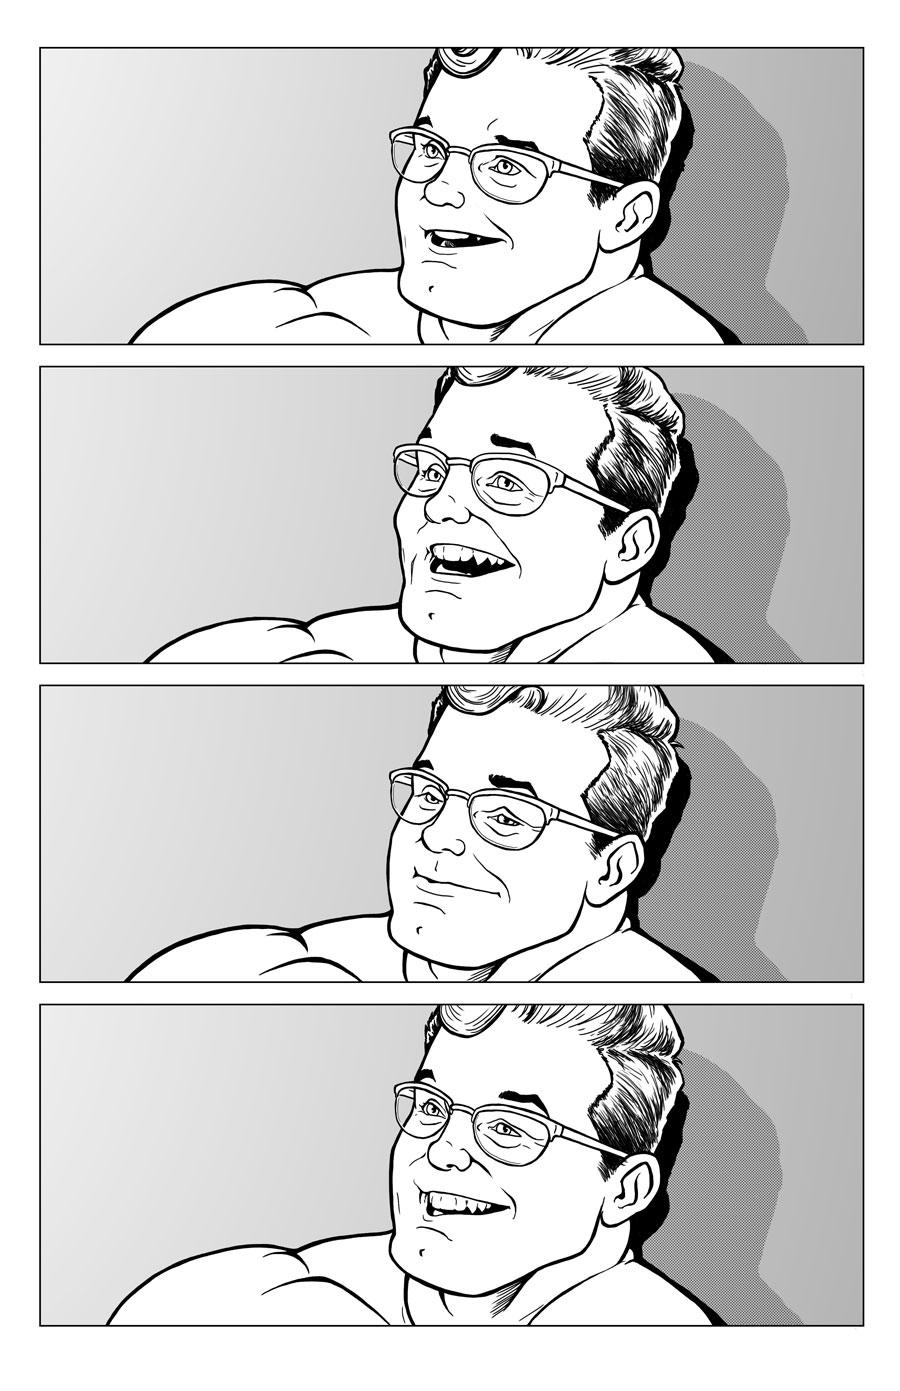 Hank McCoy facial expressions study by NMRosario